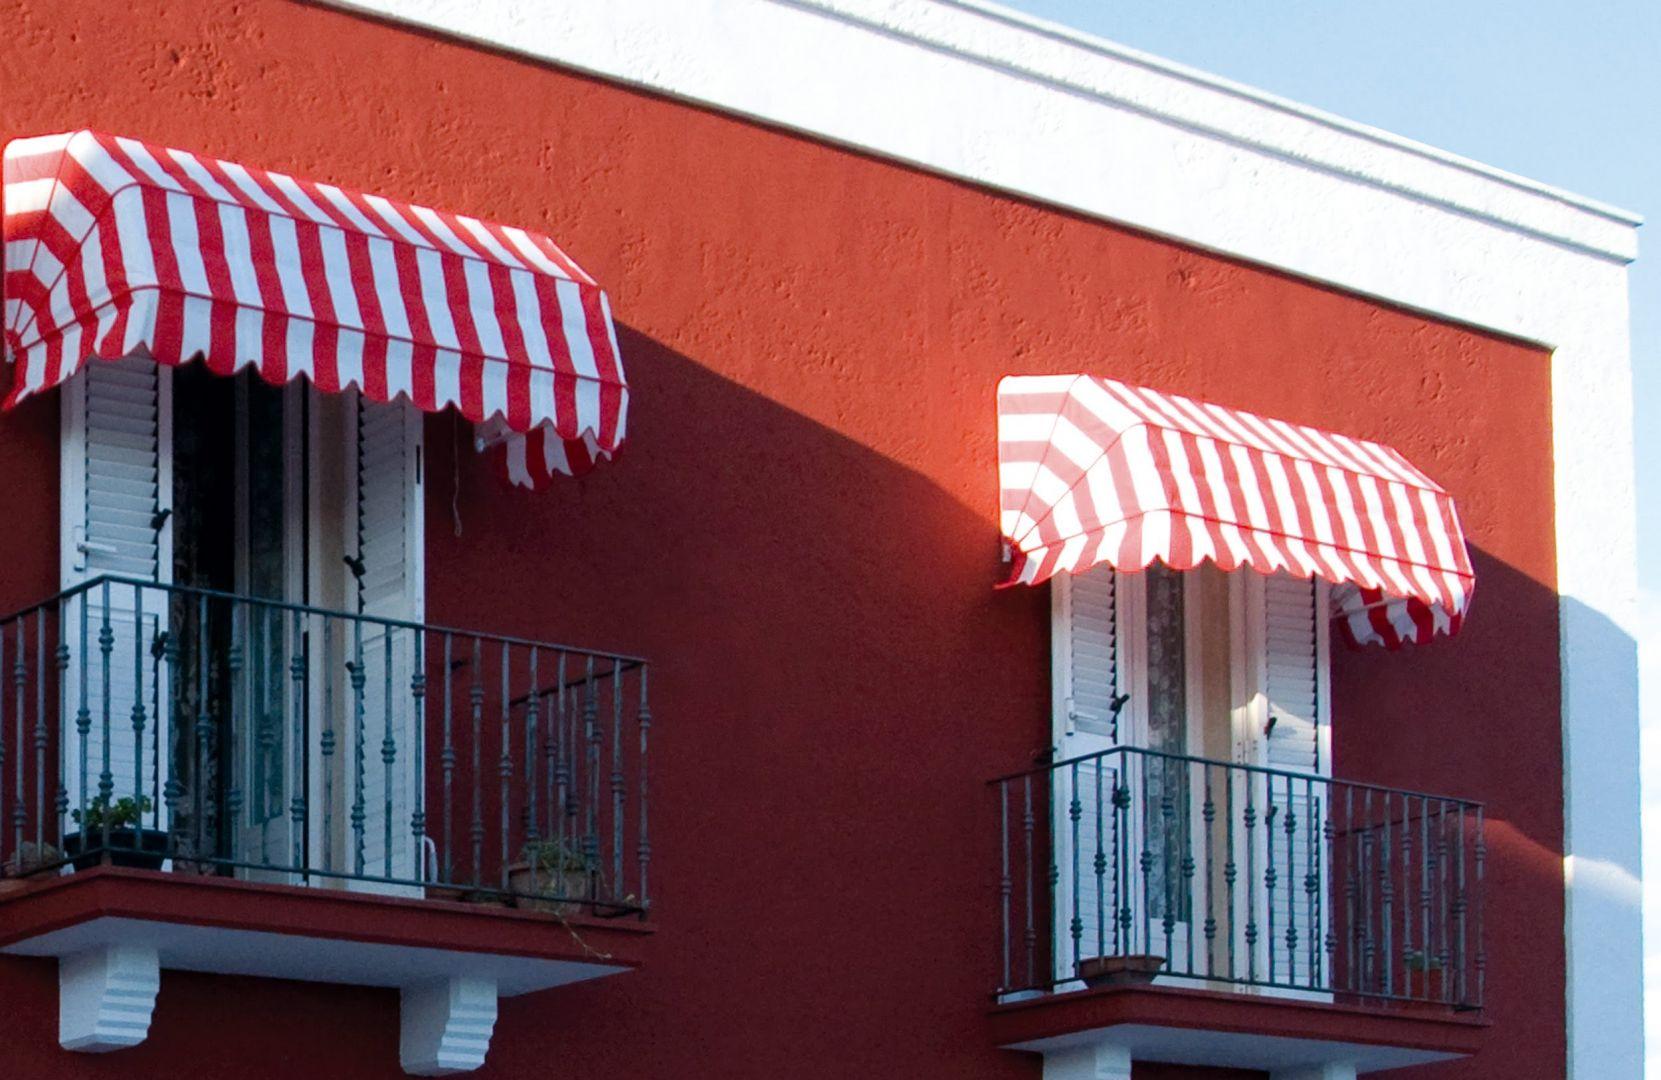 store corbeille fabricant store exterieur store boutique et magasin store pas cher sur mesure store balcon store commerce